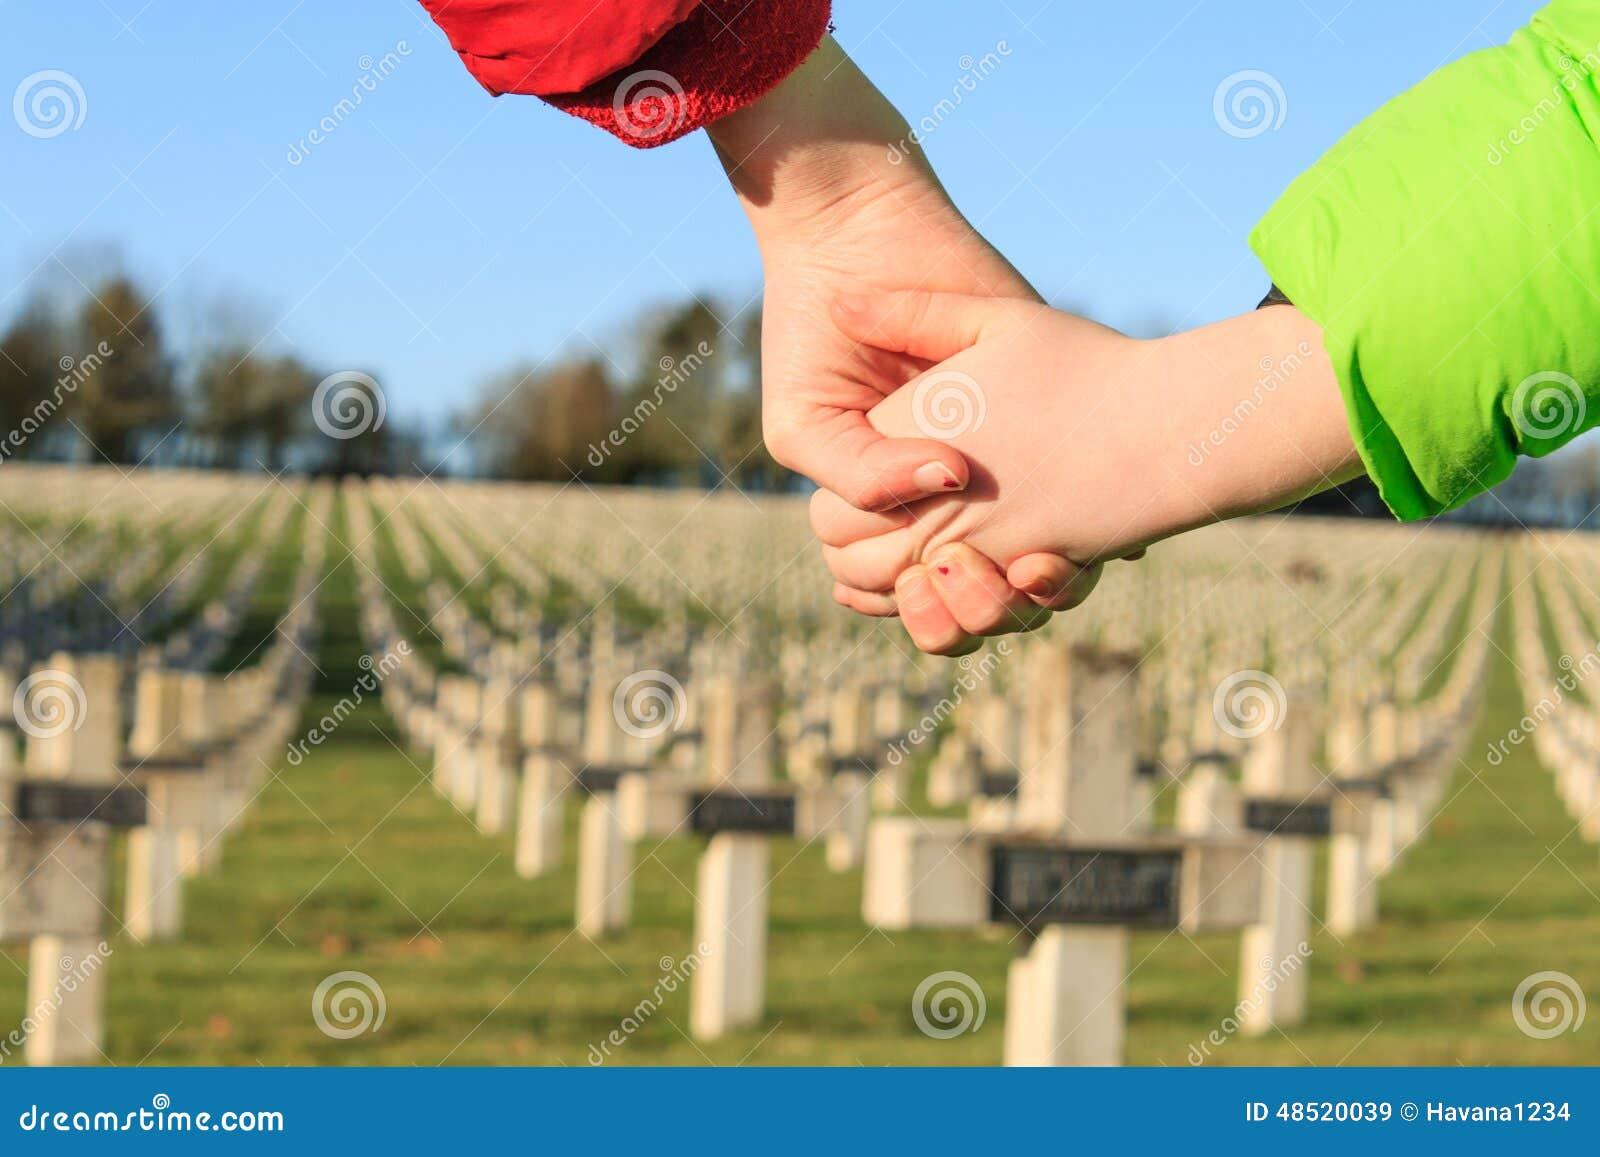 Los niños caminan de común acuerdo para la guerra mundial de la paz 1